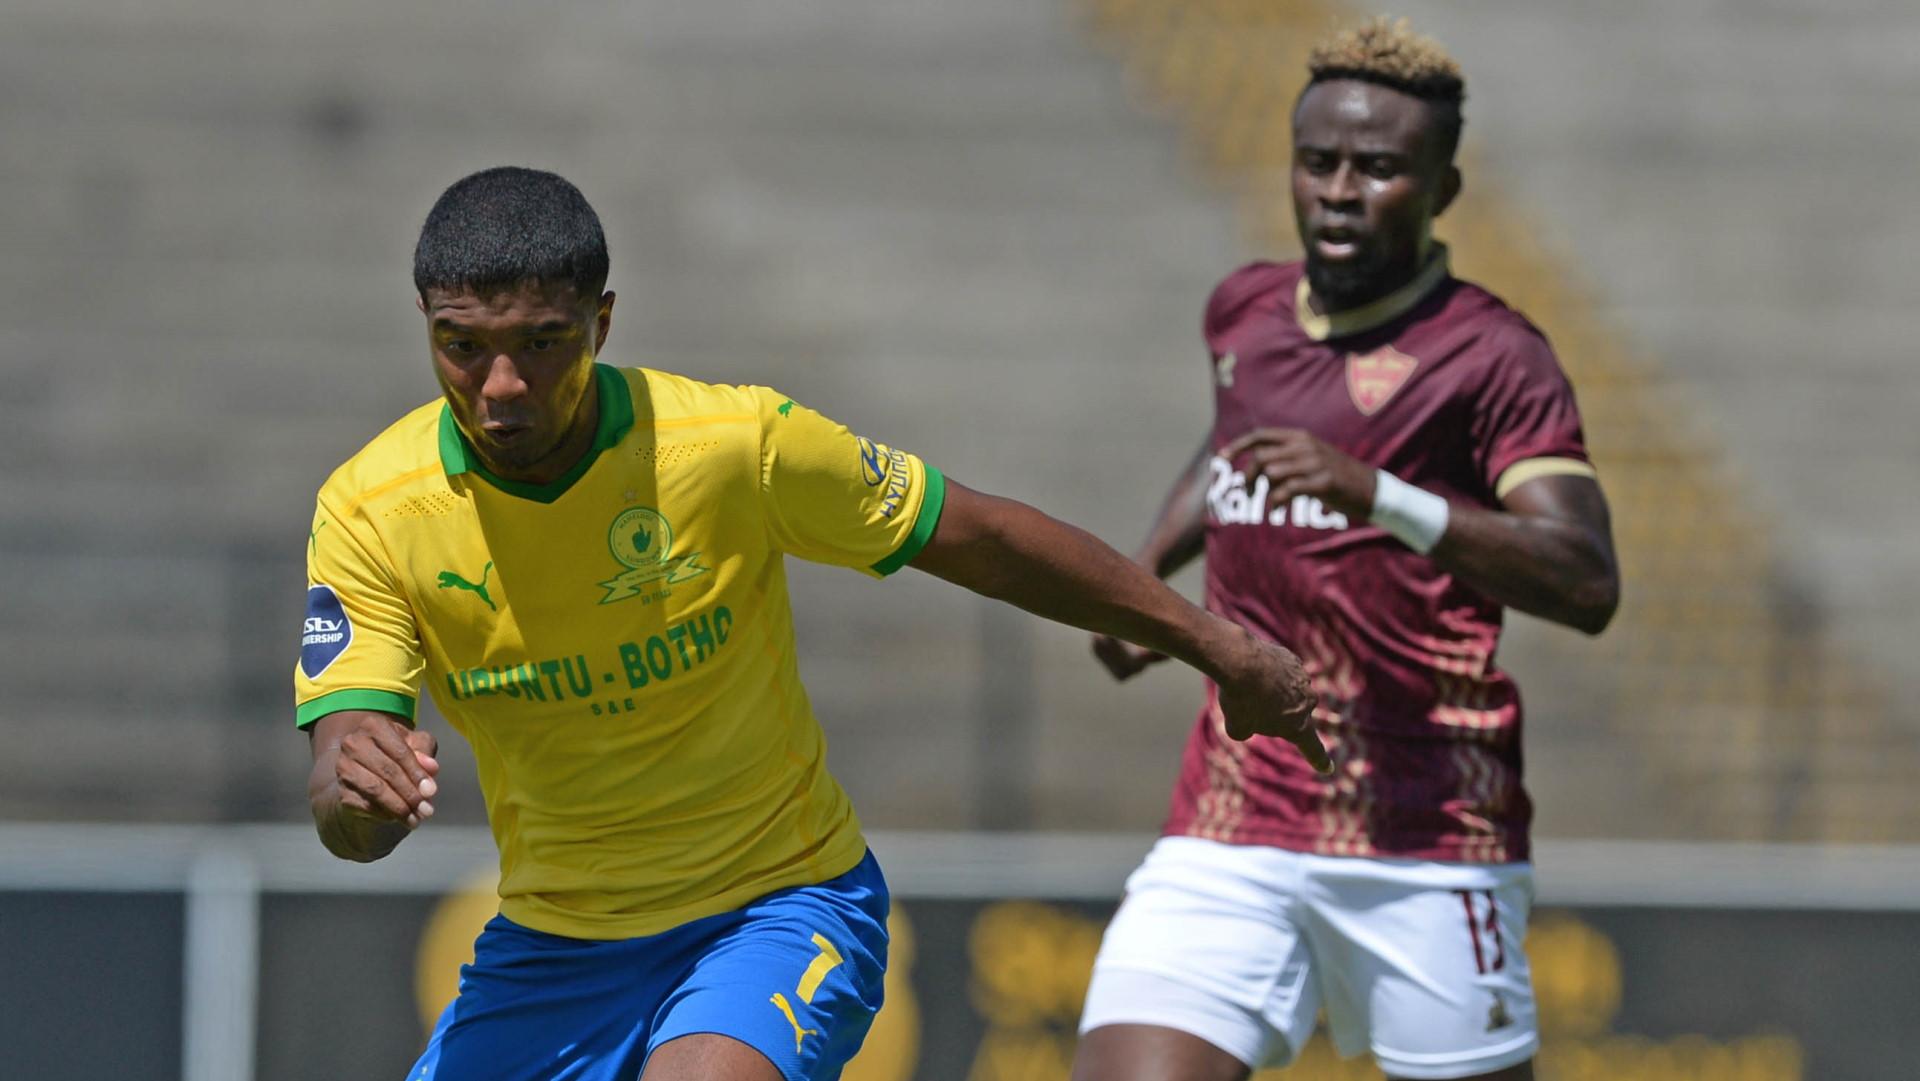 Stellenbosch FC 1 - 2 Mamelodi Sundowns: Shalulile late strike earns Masandawana victory